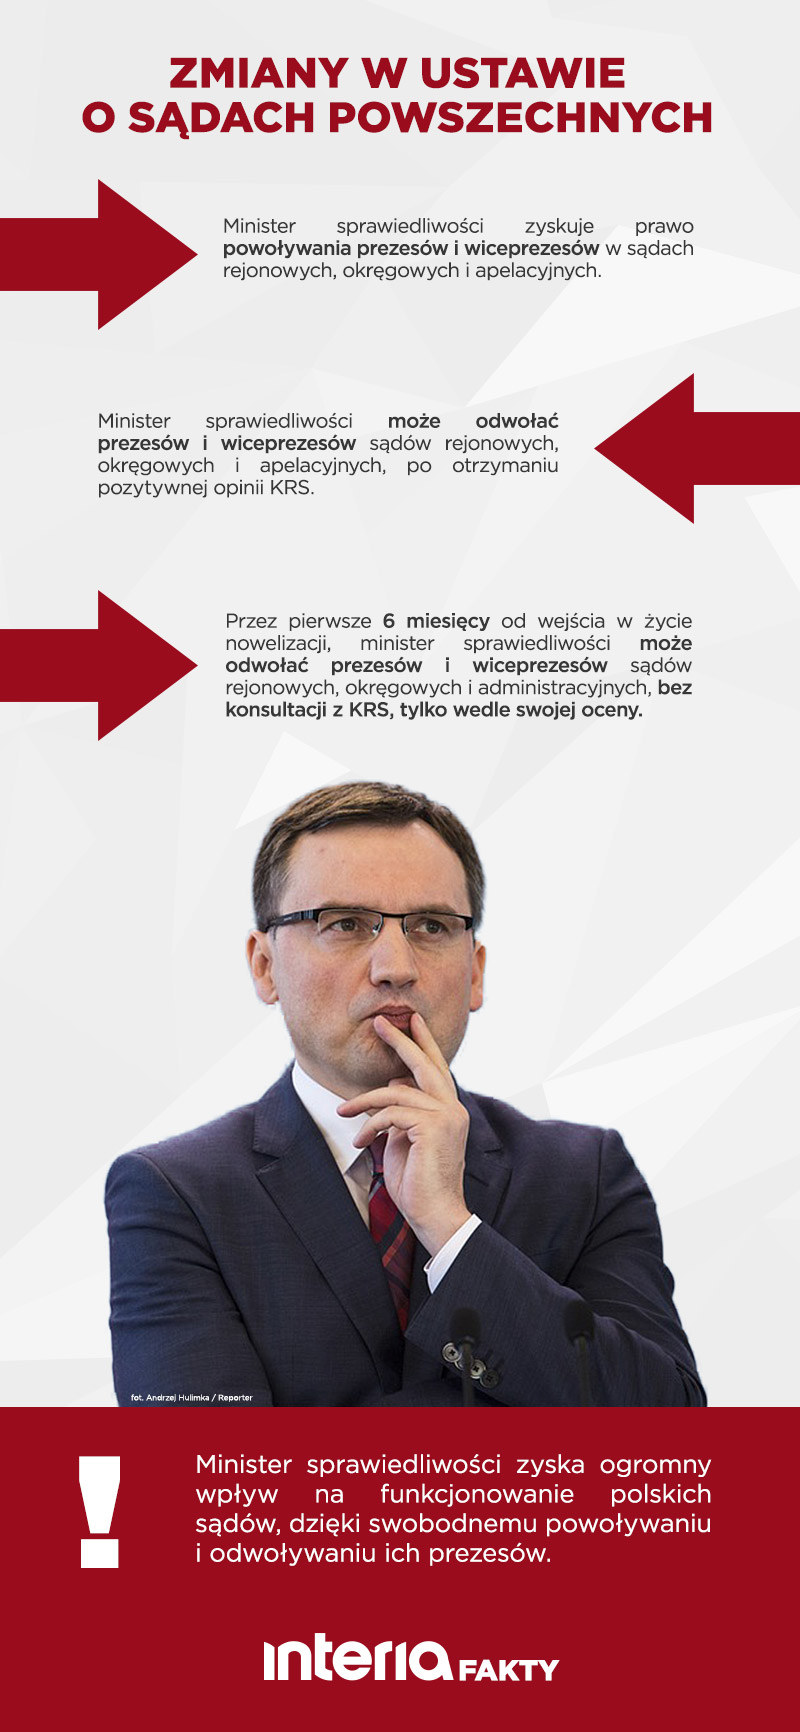 Zmiany w ustawie o sądach powszechnych /INTERIA.PL